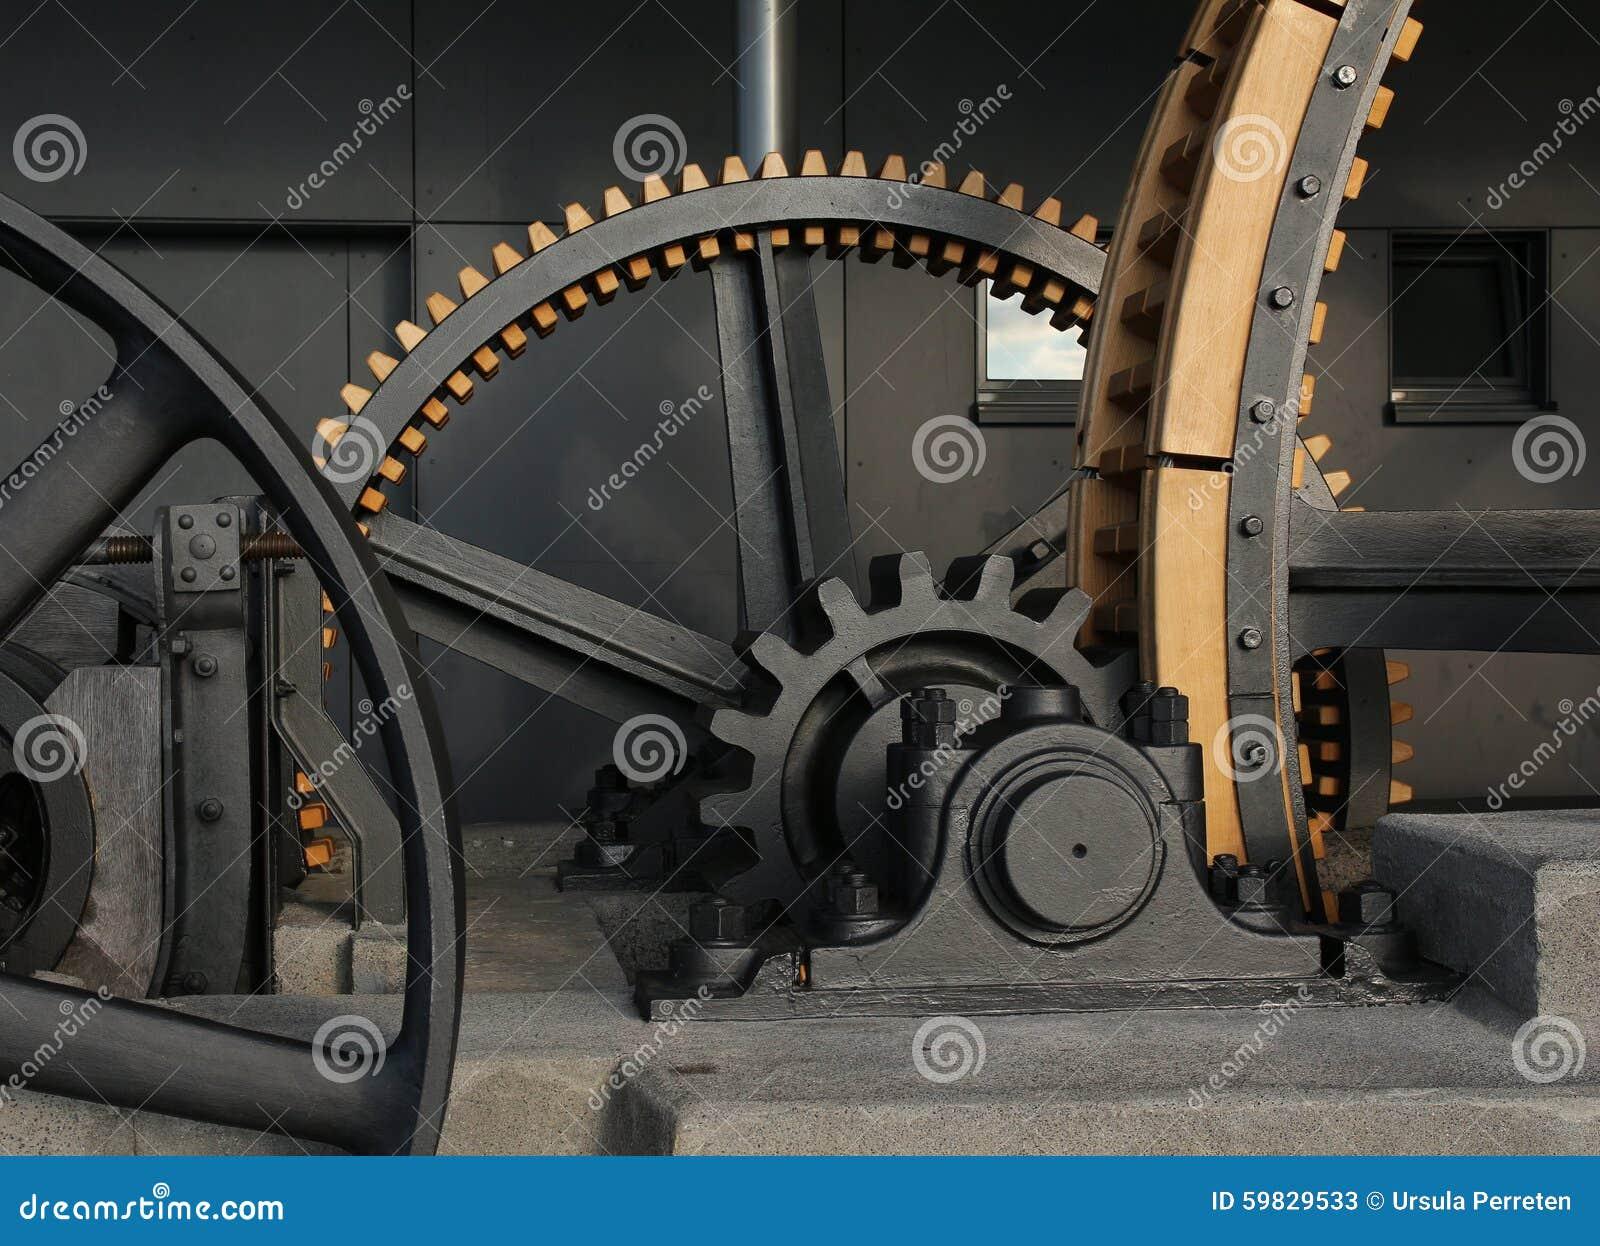 Rodas velhas gigantescas de um teleférico